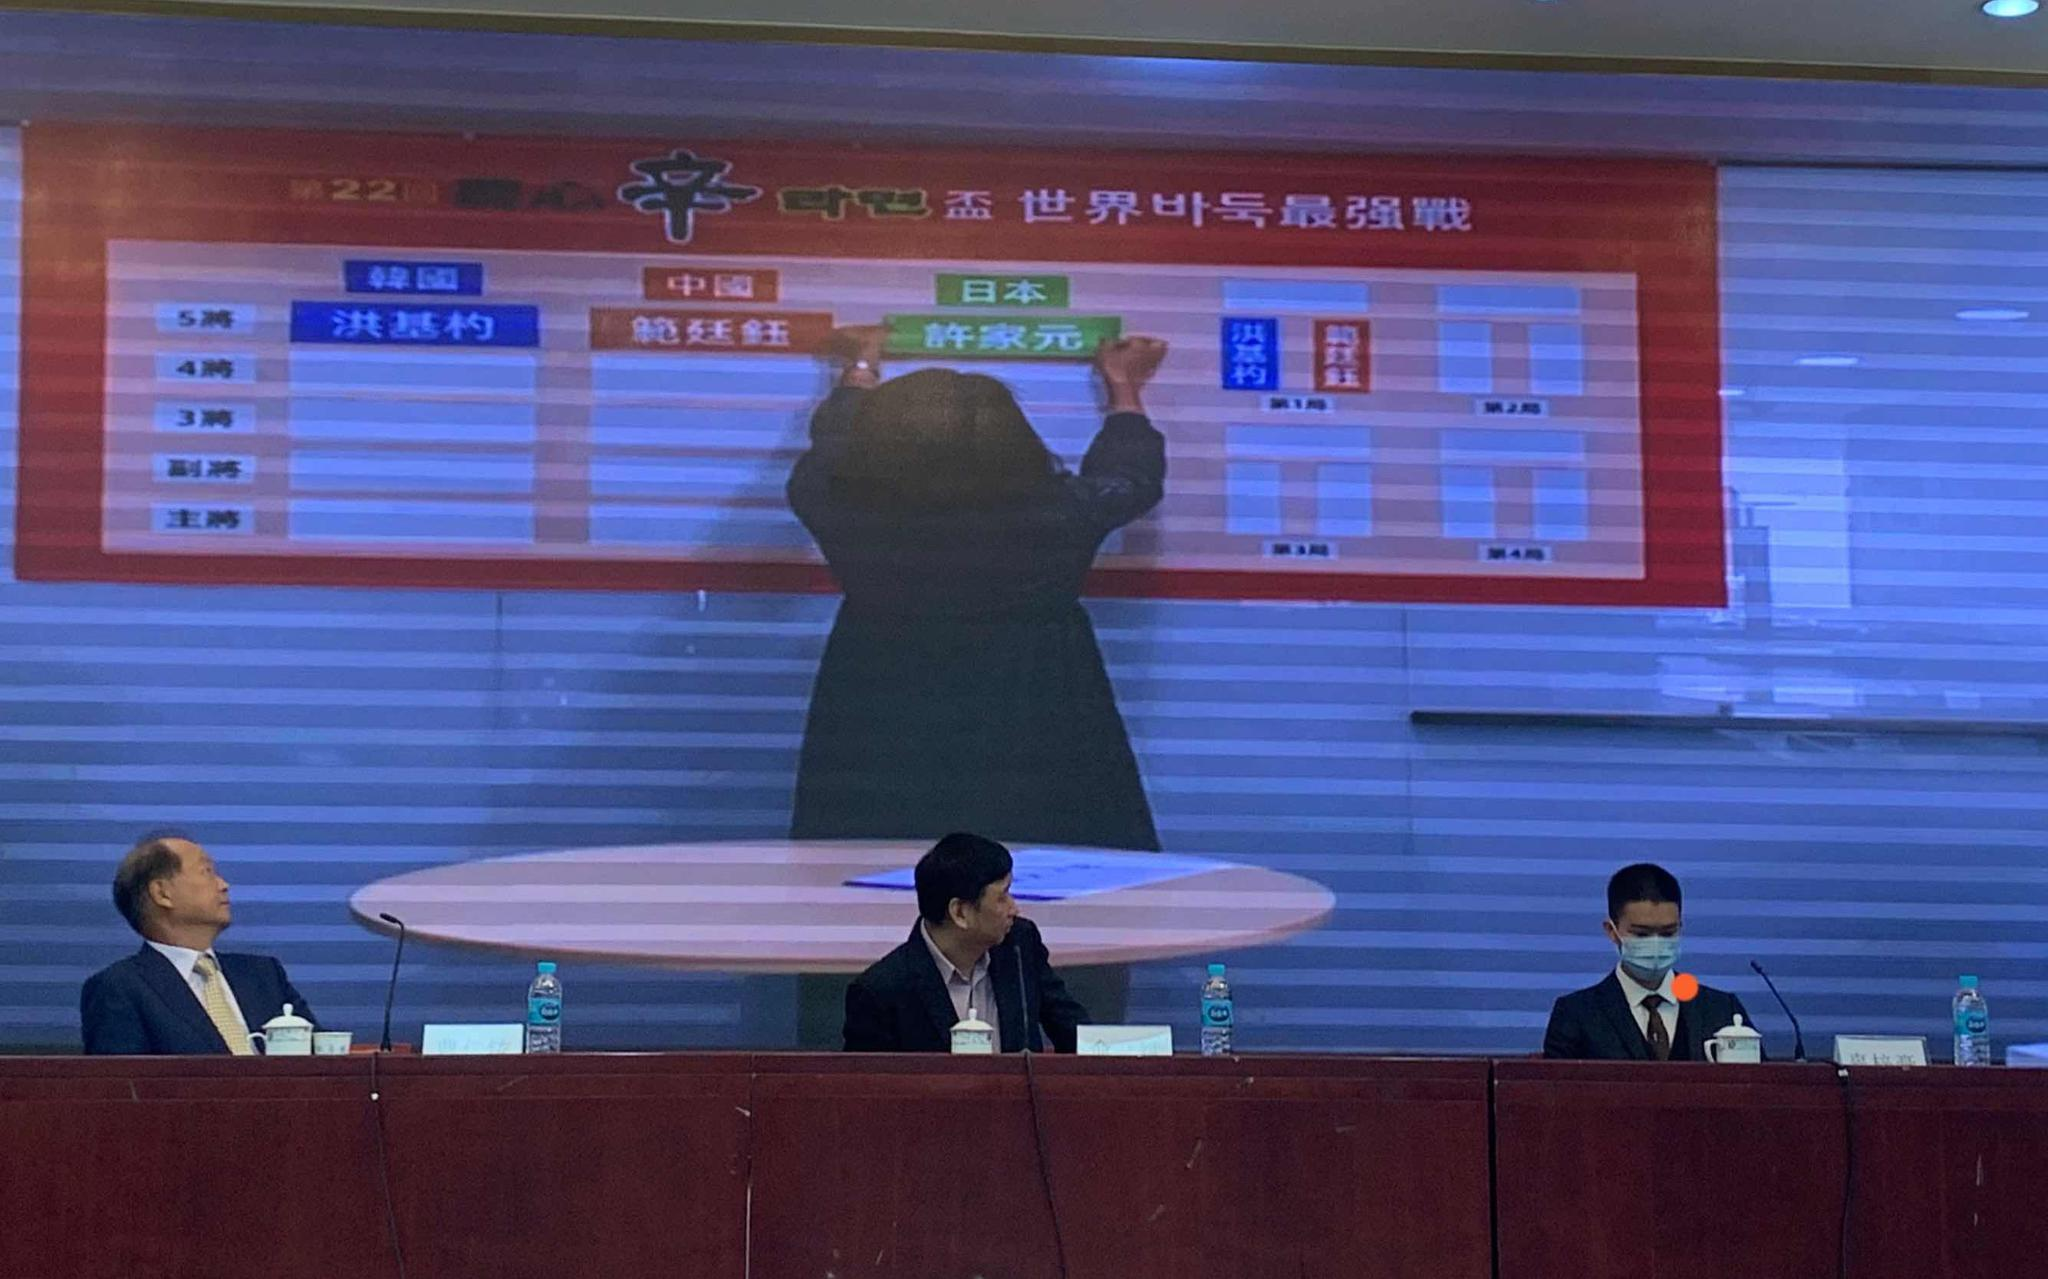 农心杯中国队派出五虎上将,范廷钰任先锋打头阵图片